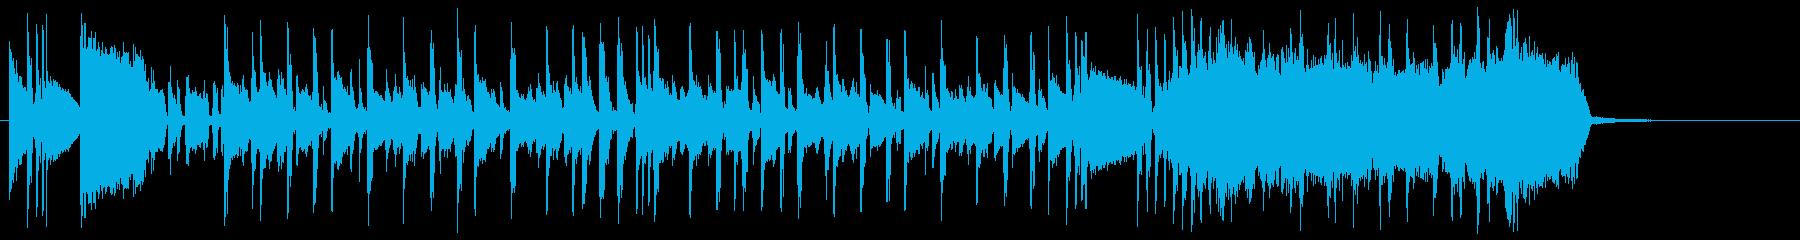 攻め攻めファンキーギターサウンドロゴの再生済みの波形